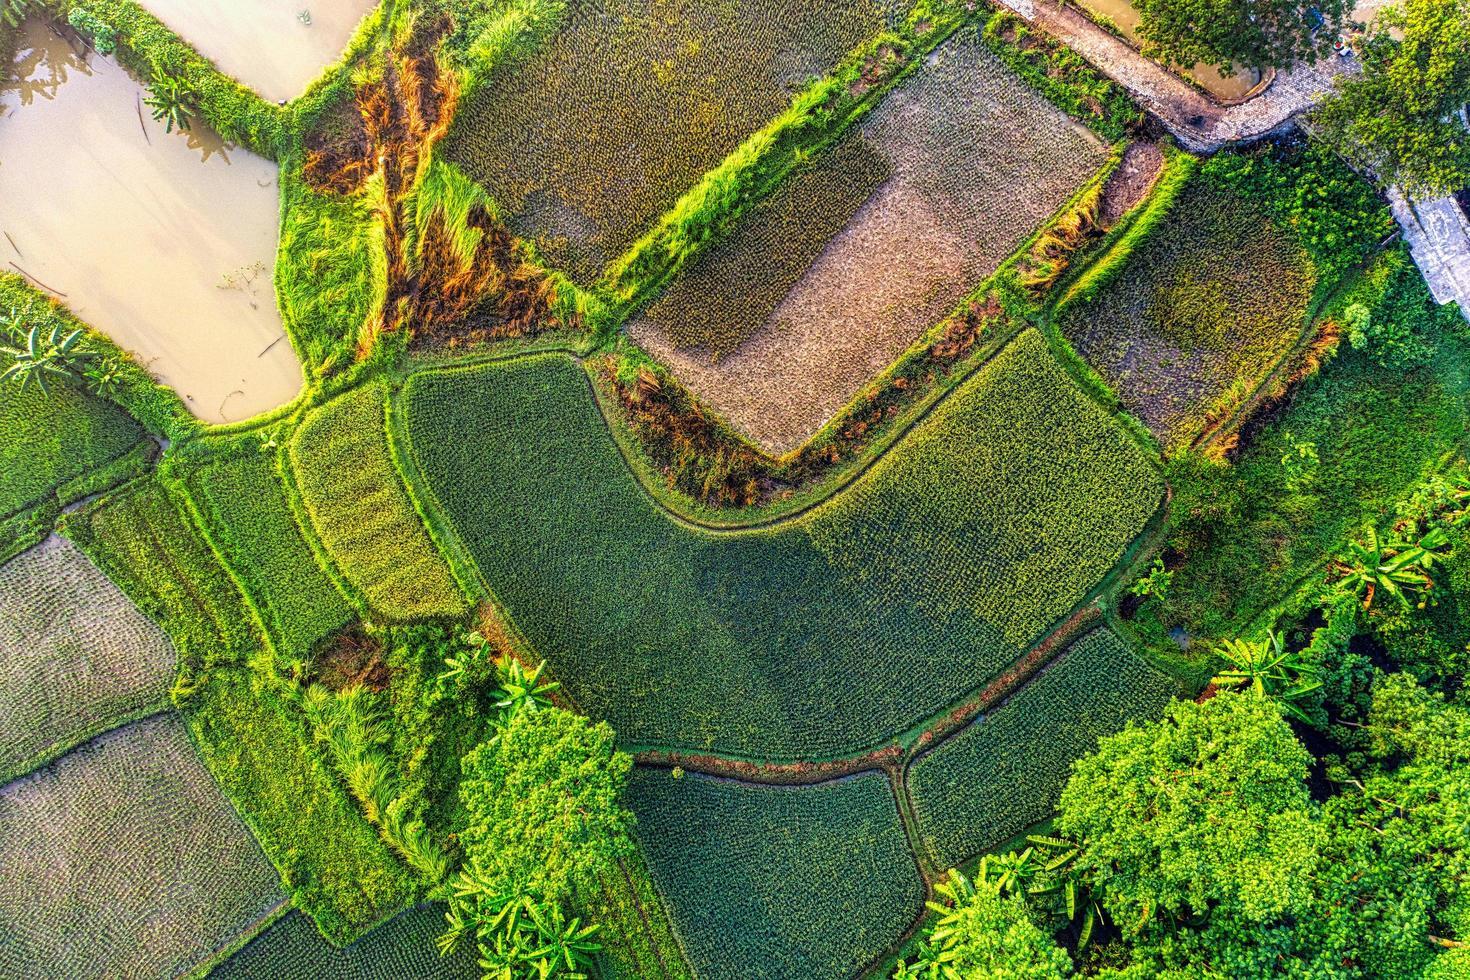 vue aérienne du champ d'herbe verte photo